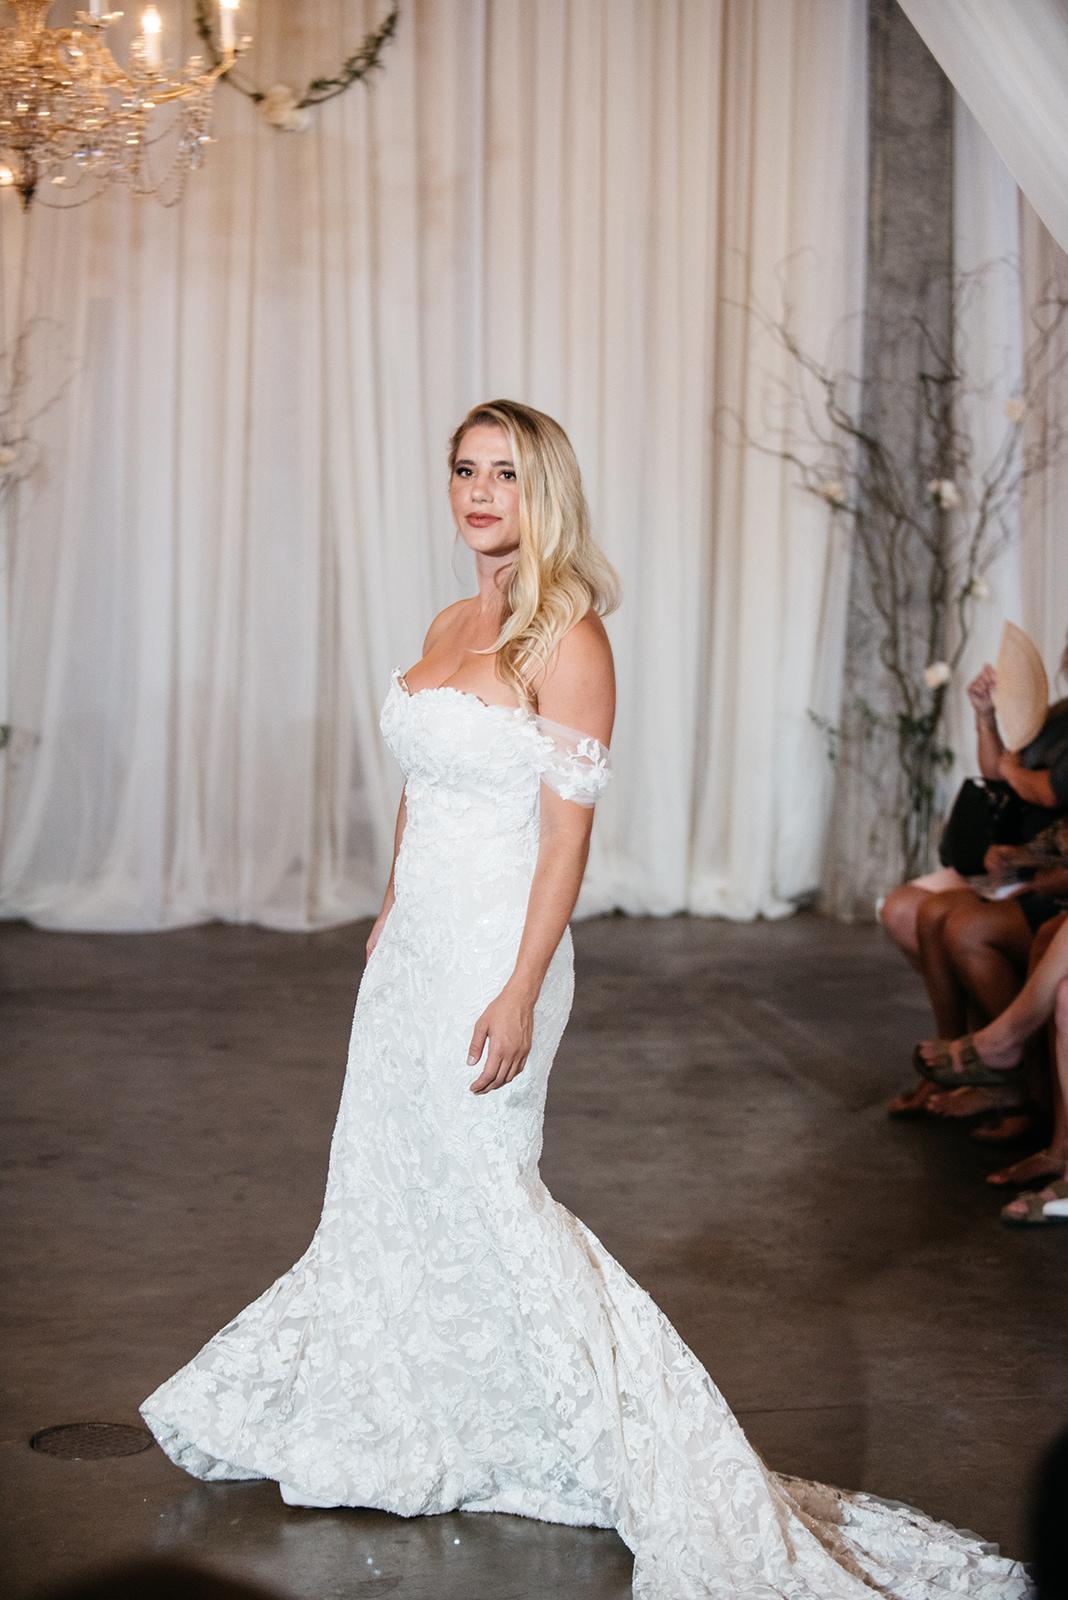 Model Meghan Vanderford wearing Atelier Pronovias